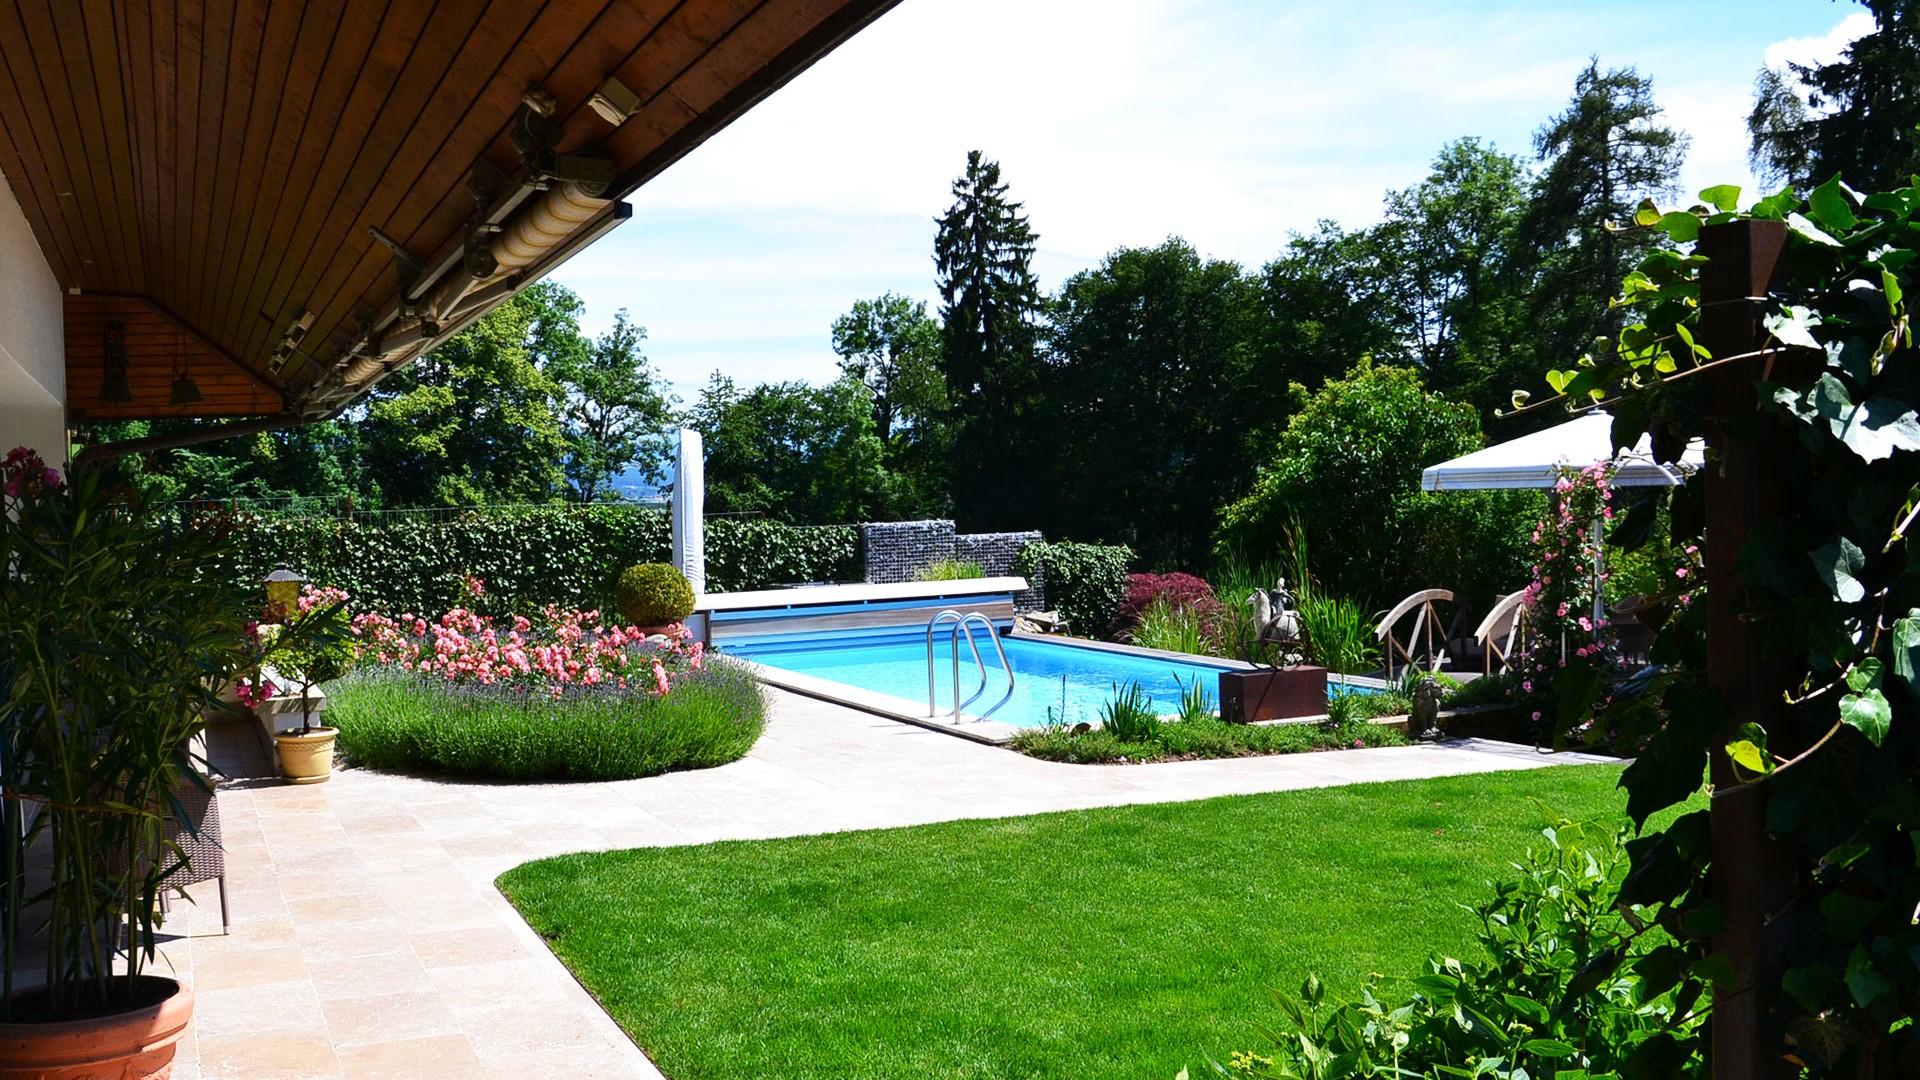 gartengestaltung bern - riggenbach gmbh garten und landschaft, Garten ideen